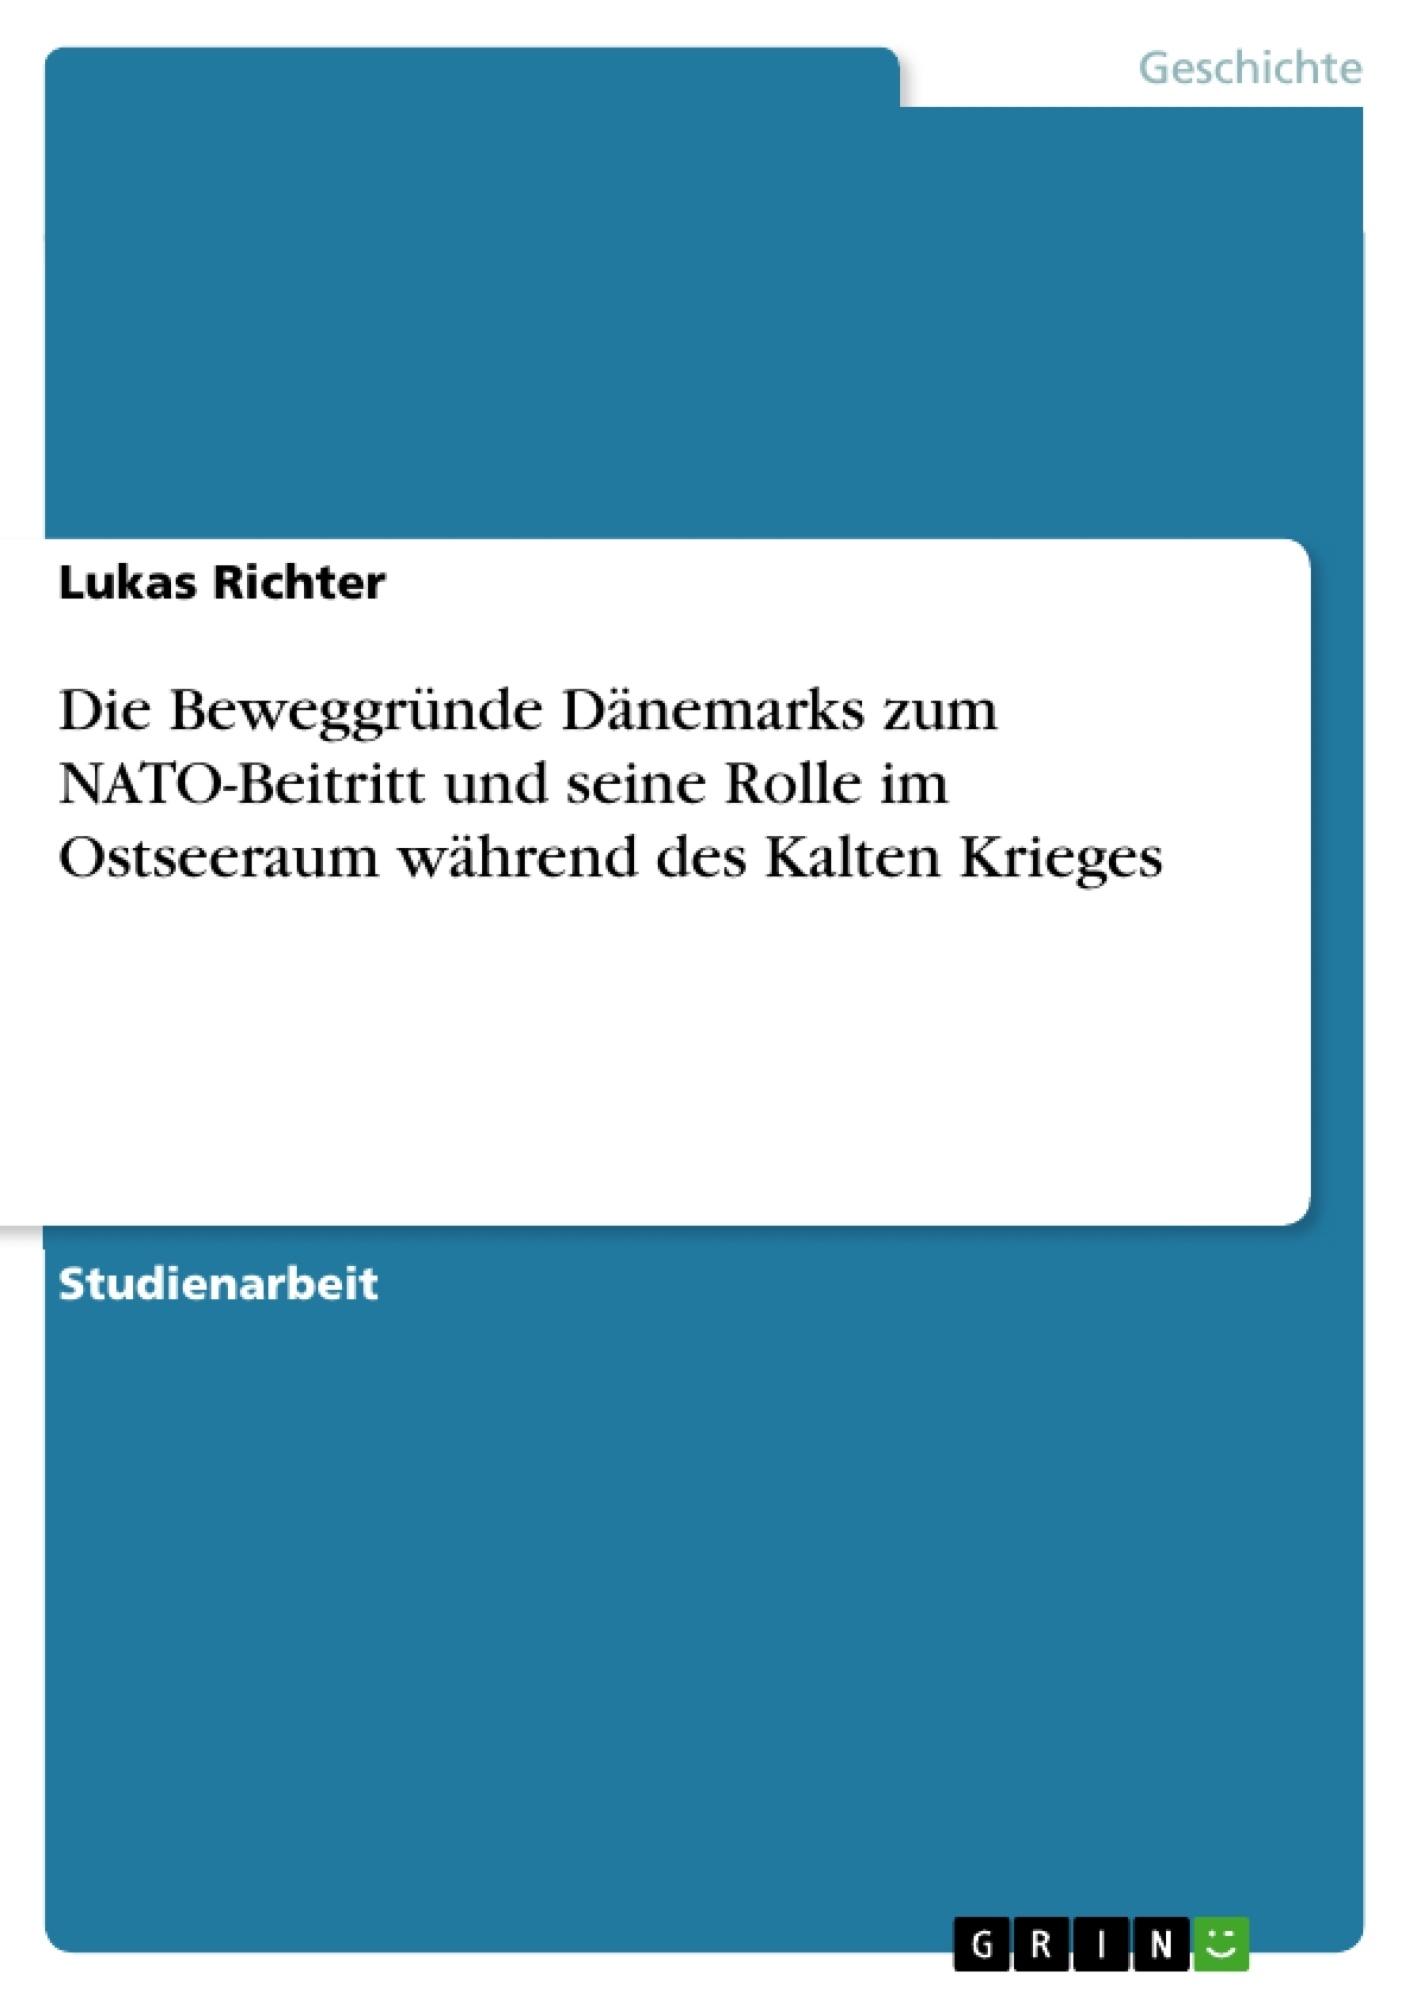 Titel: Die Beweggründe Dänemarks zum NATO-Beitritt und seine Rolle im Ostseeraum während des Kalten Krieges